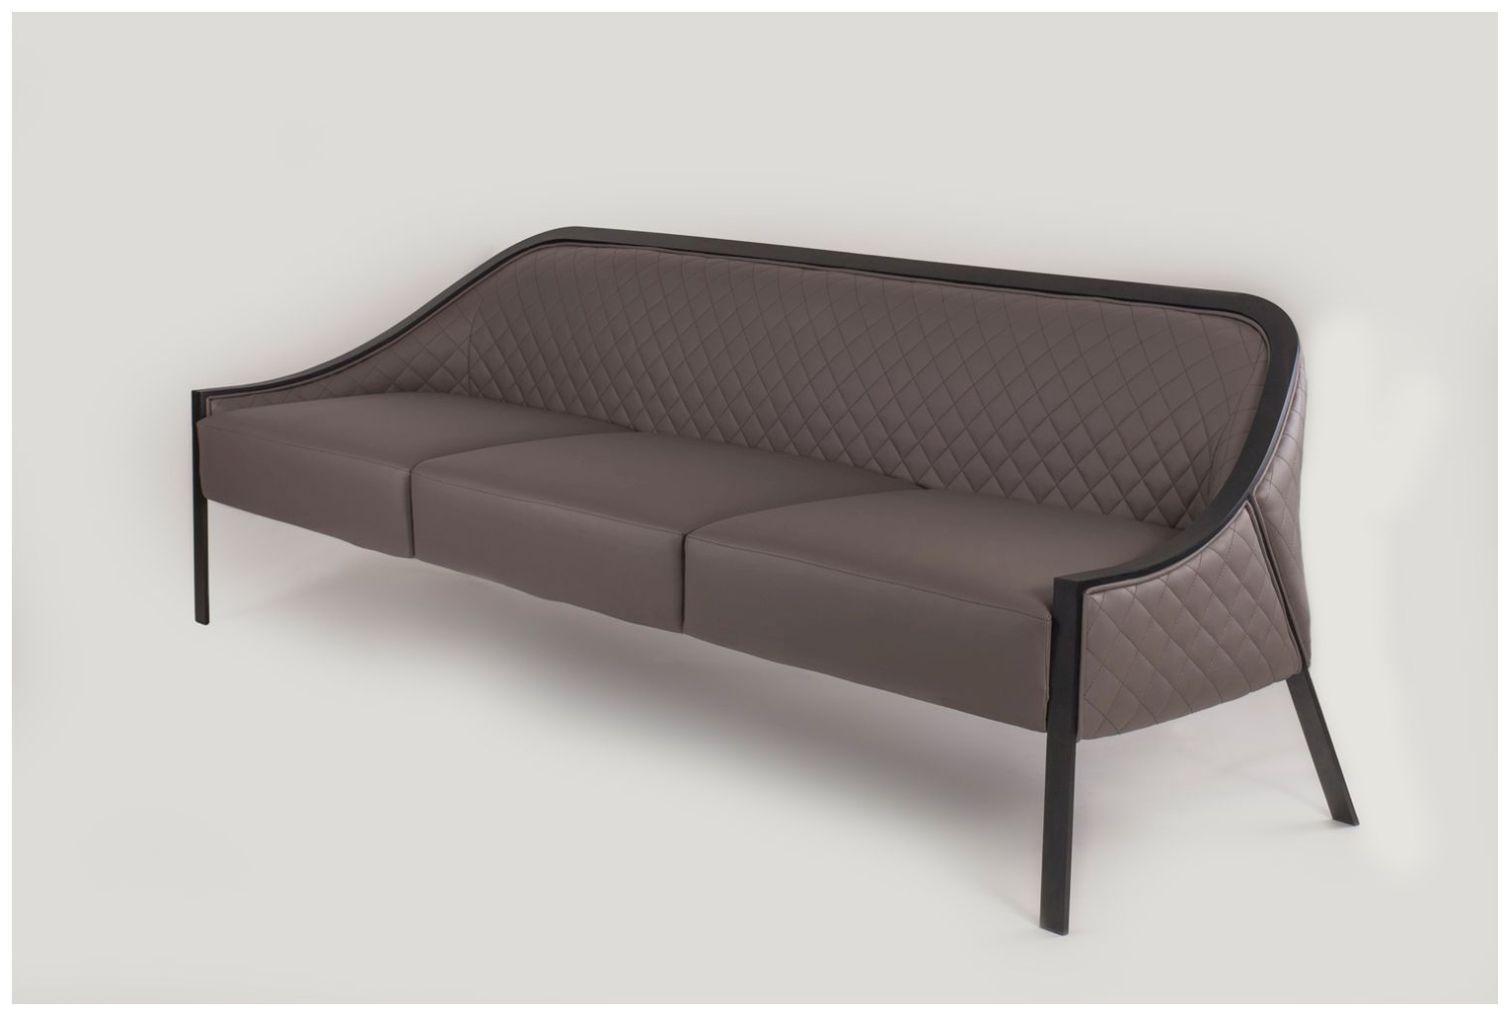 Custom Upholstered Restaurant Sofa with Metal Frame